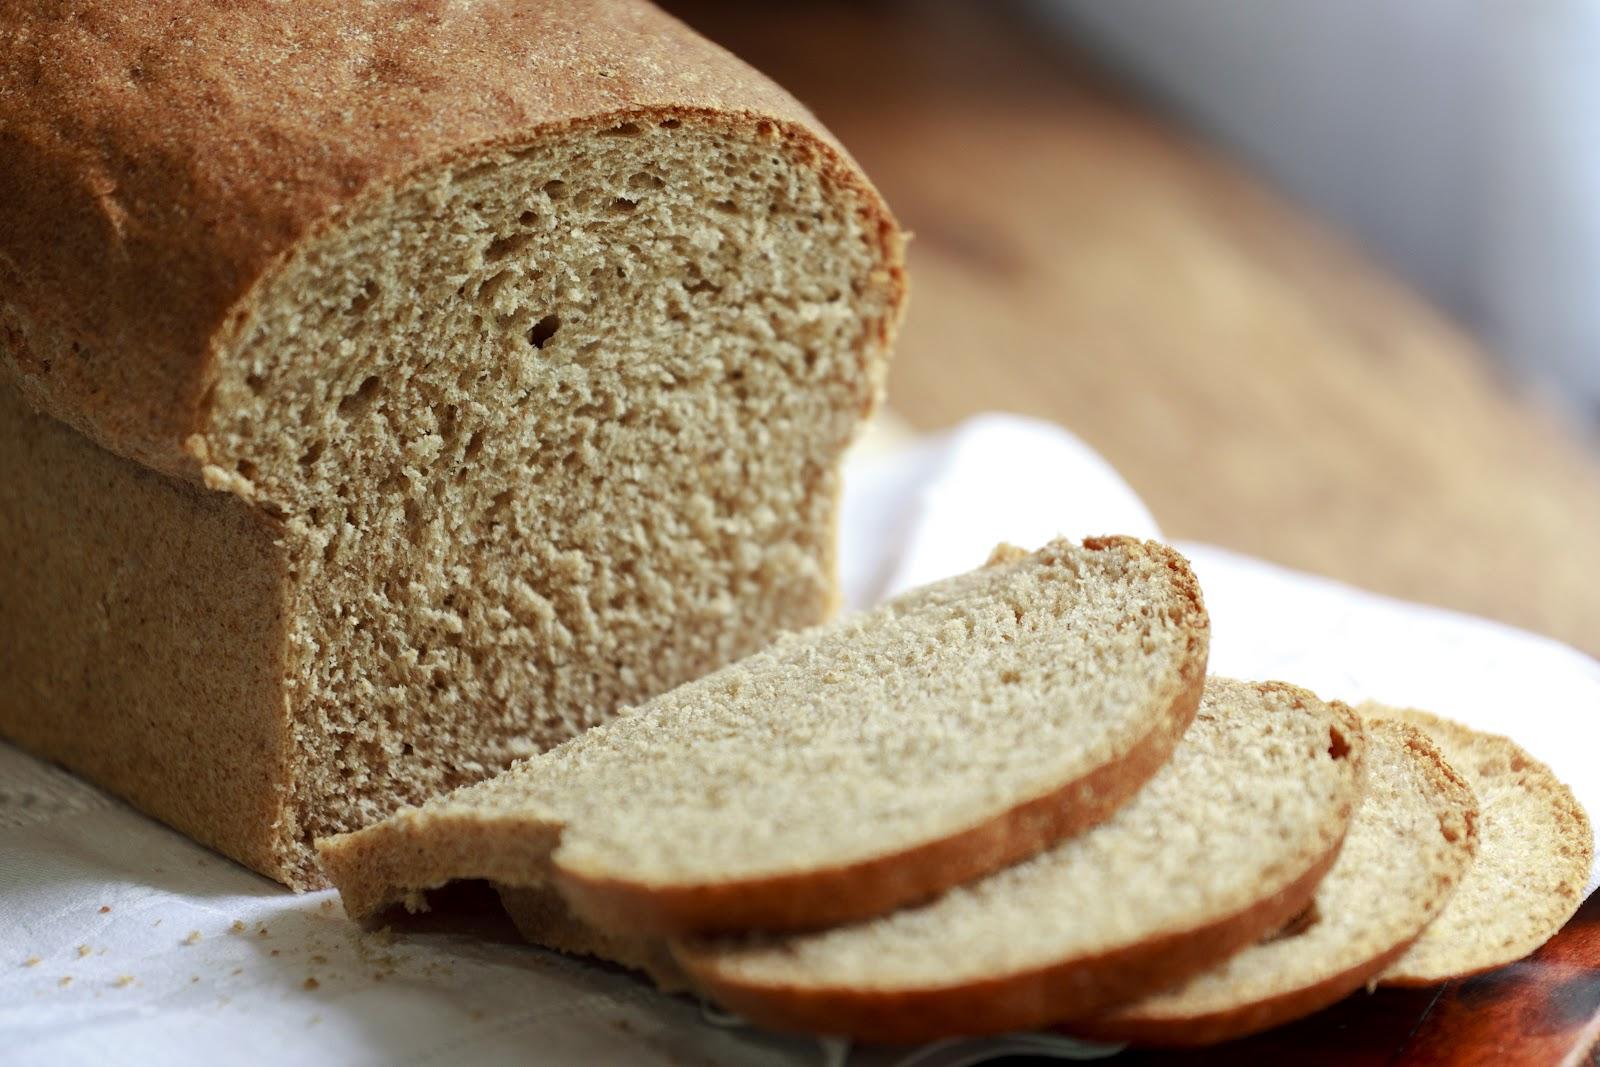 Pão integral além de auxiliar no emagrecimento, substitui o tradicional pão francês (foto: reprodução)